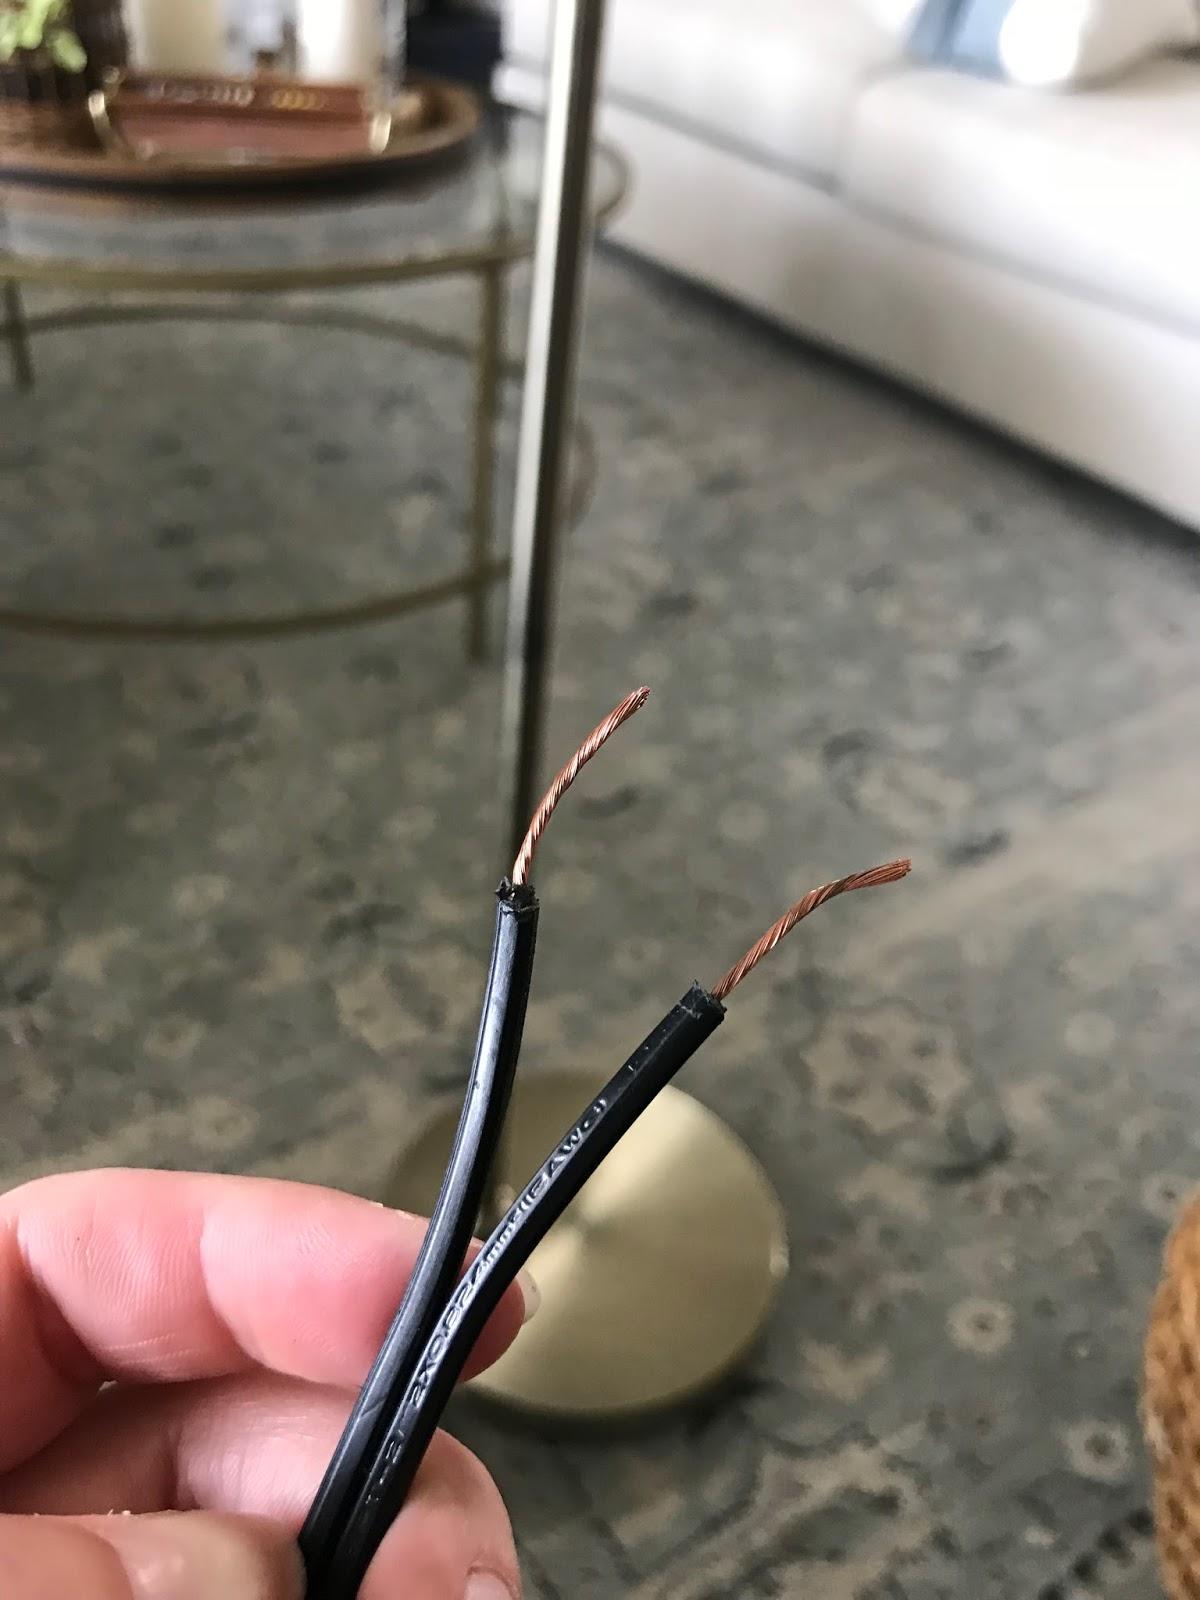 Simple fix to repair a broken lamp plug